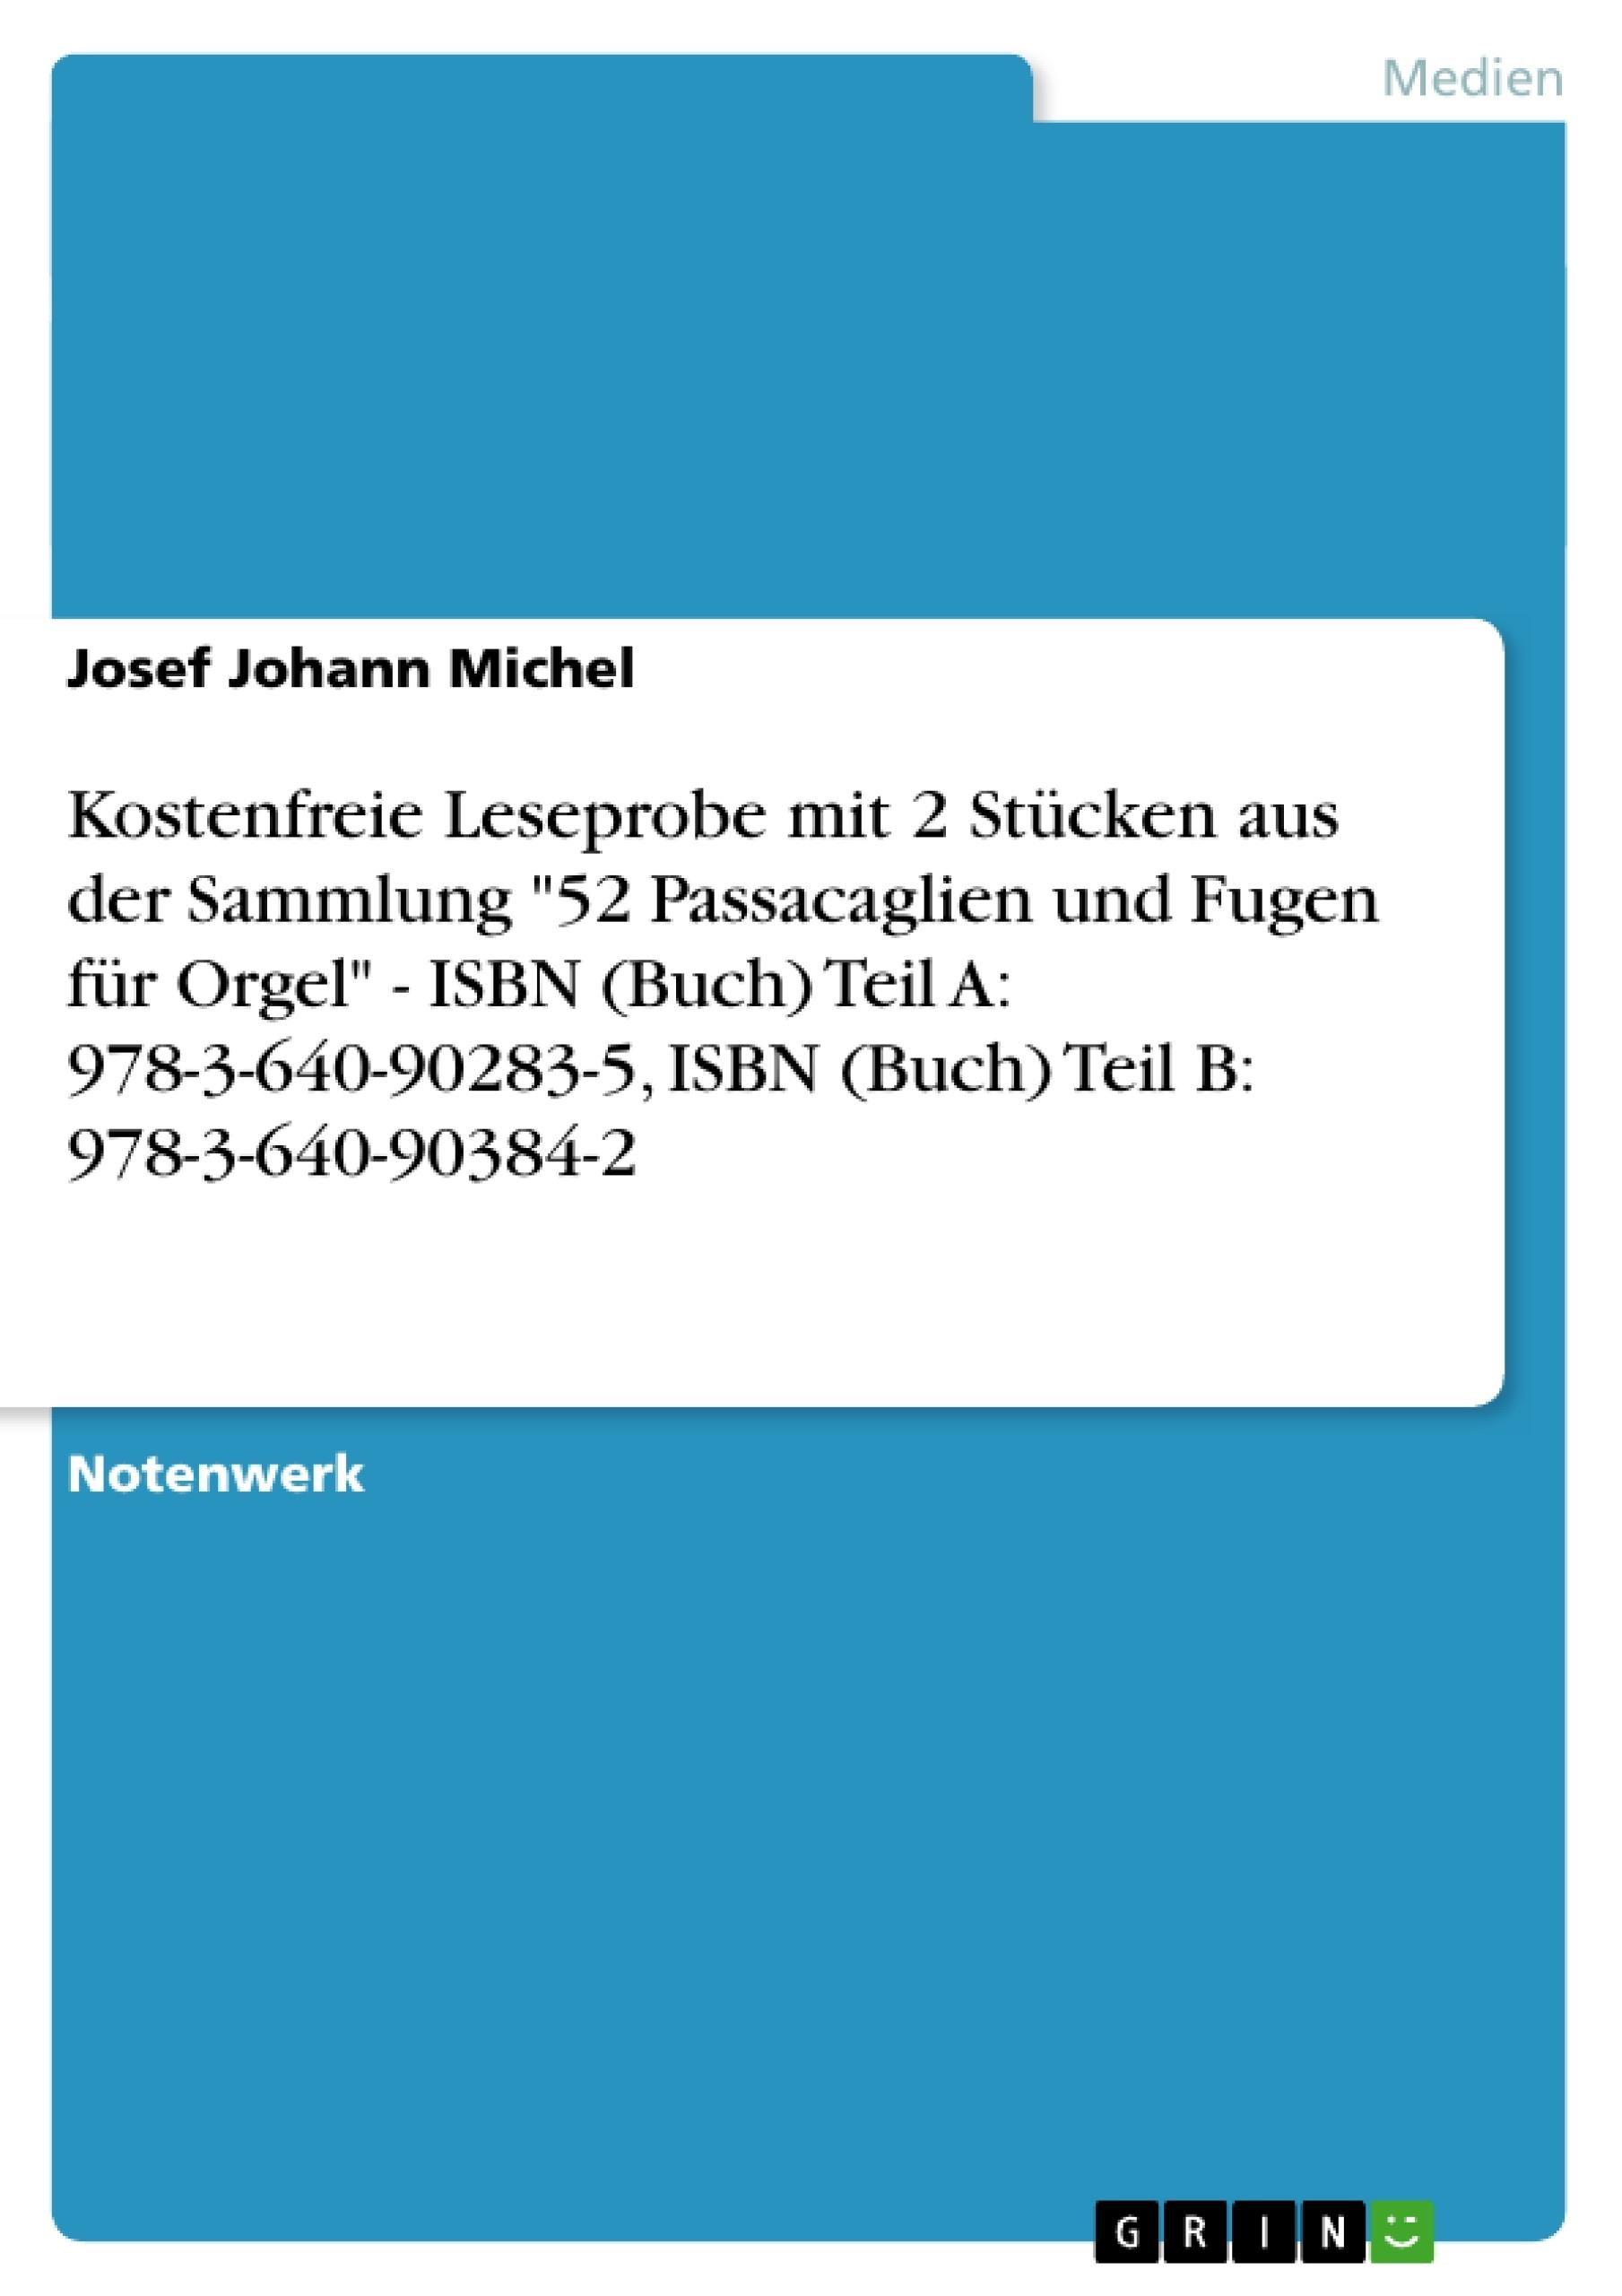 """Titel: Kostenfreie Leseprobe mit 2 Stücken aus der Sammlung """"52 Passacaglien und Fugen für Orgel"""" - ISBN (Buch) Teil A: 978-3-640-90283-5, ISBN (Buch) Teil B: 978-3-640-90384-2"""